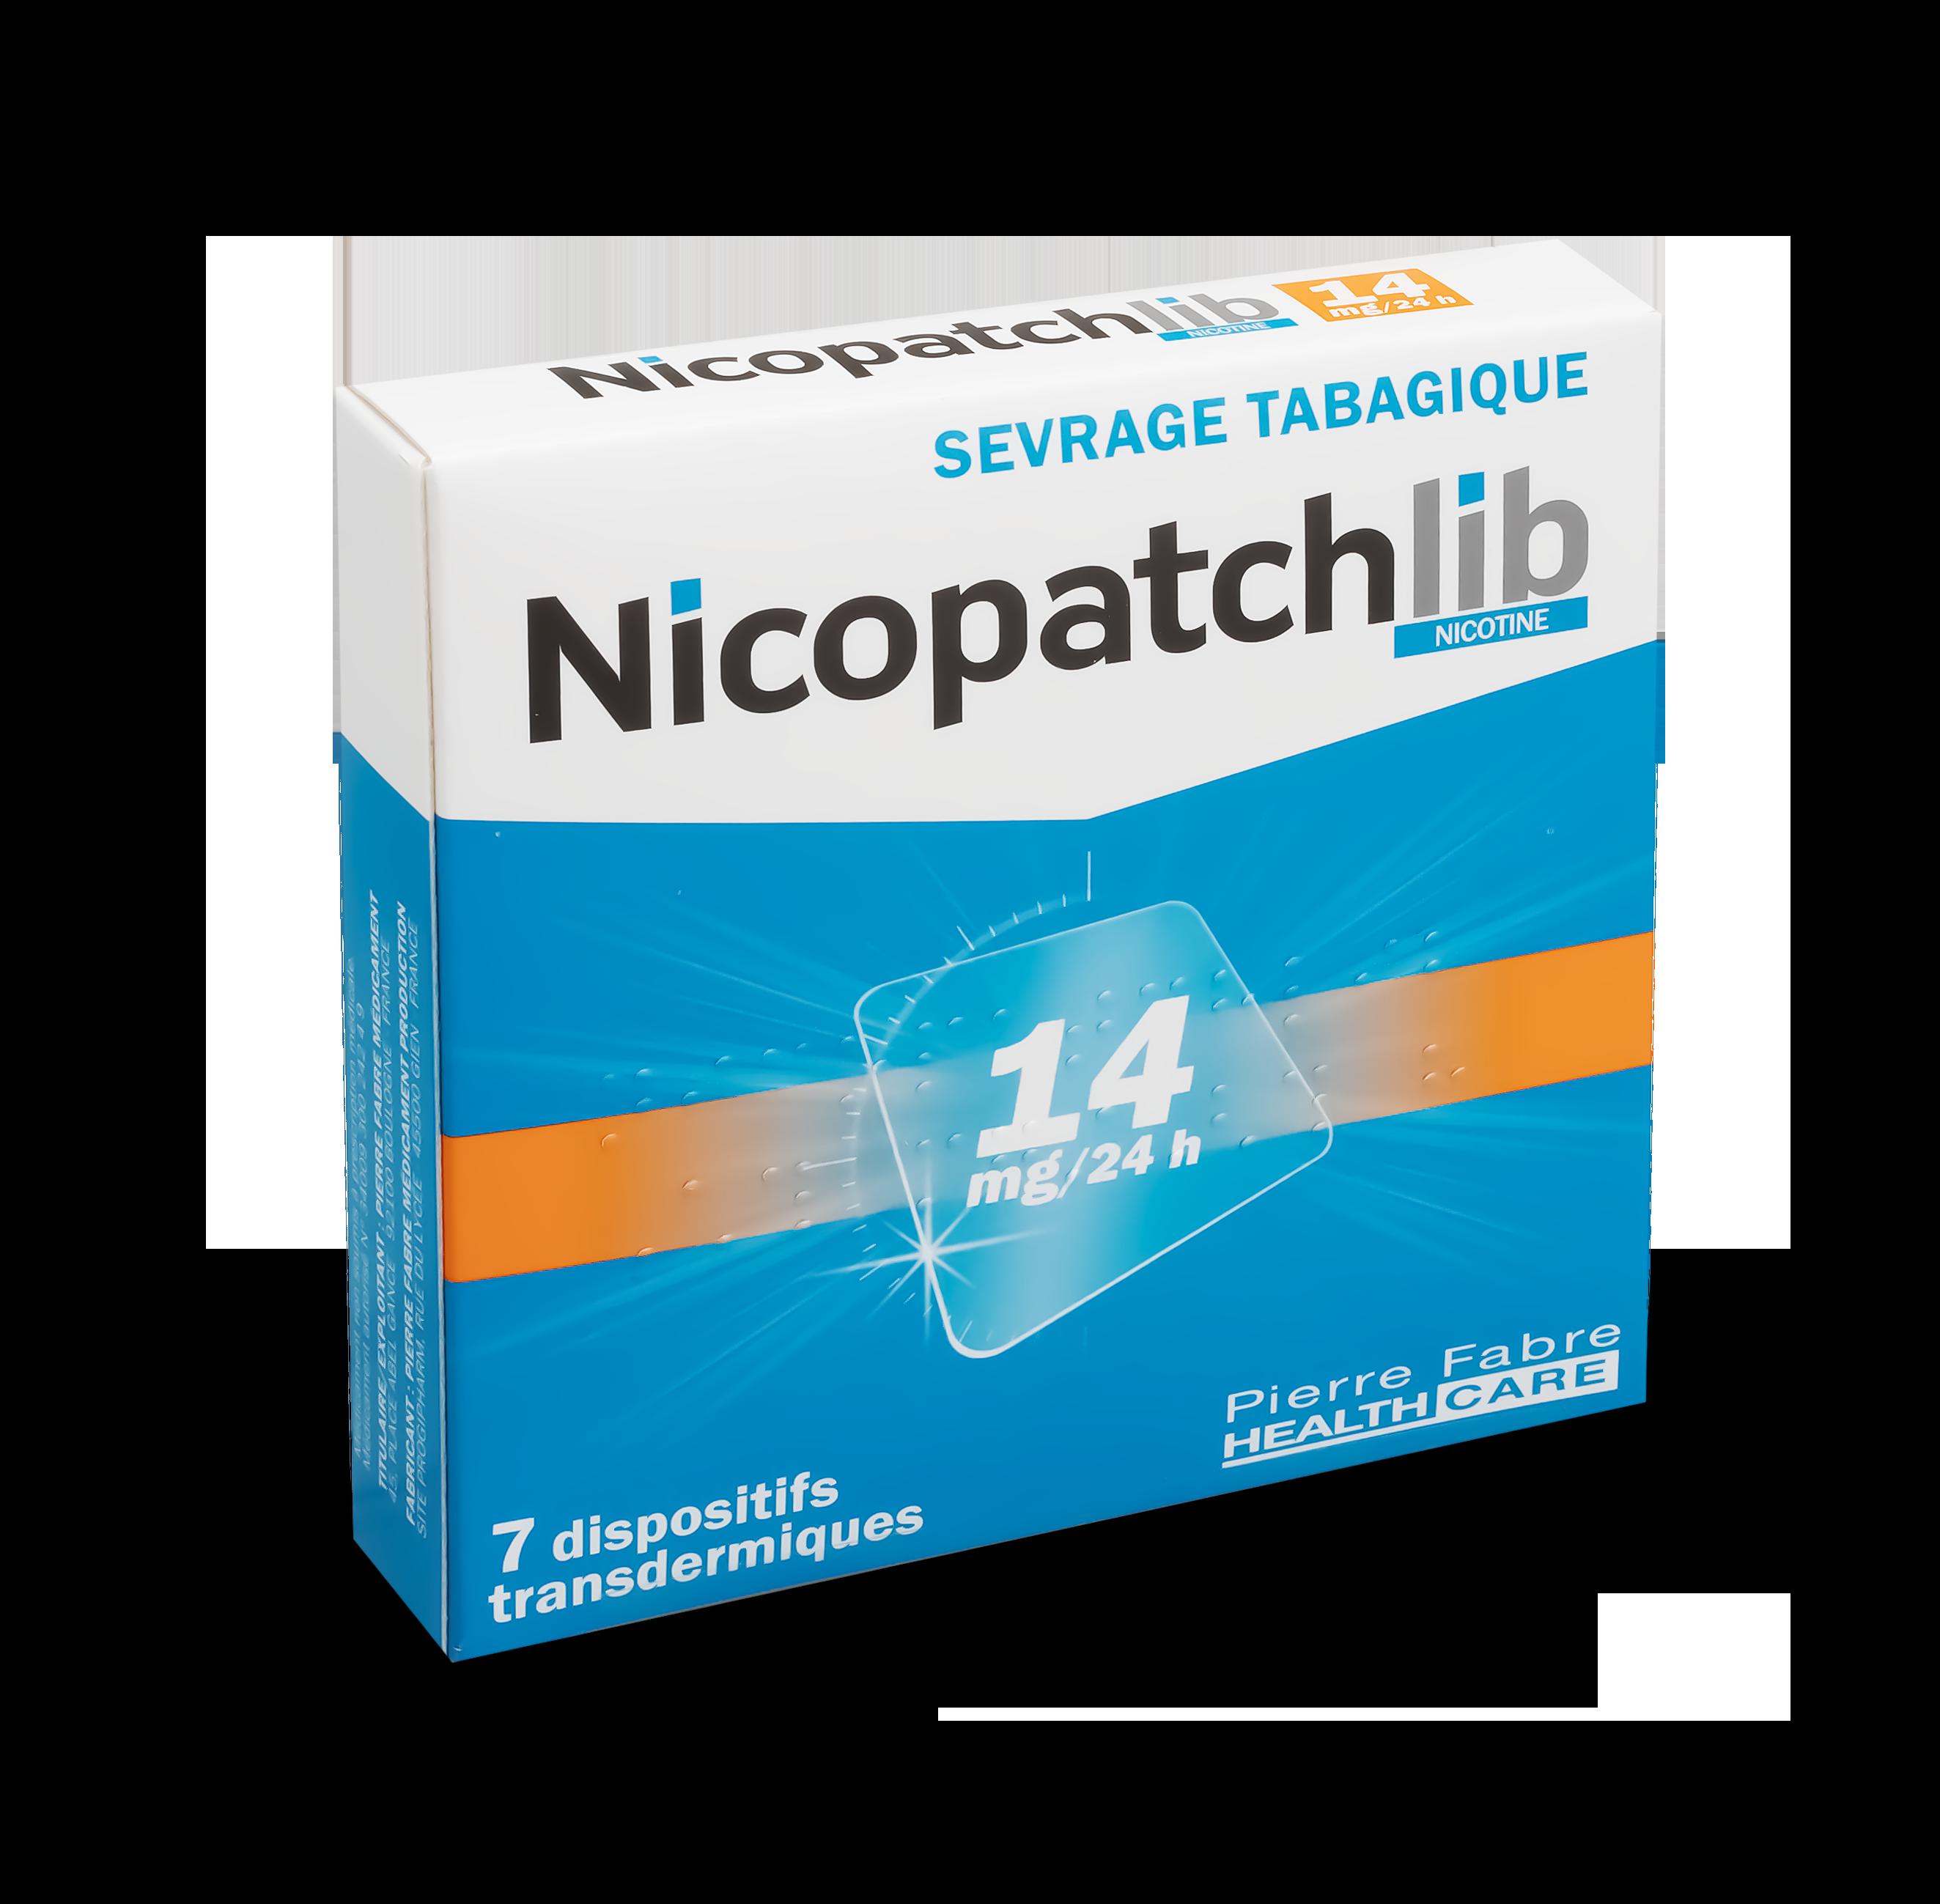 Image NICOPATCHLIB 14 mg/24 h Disp transderm 7Sach